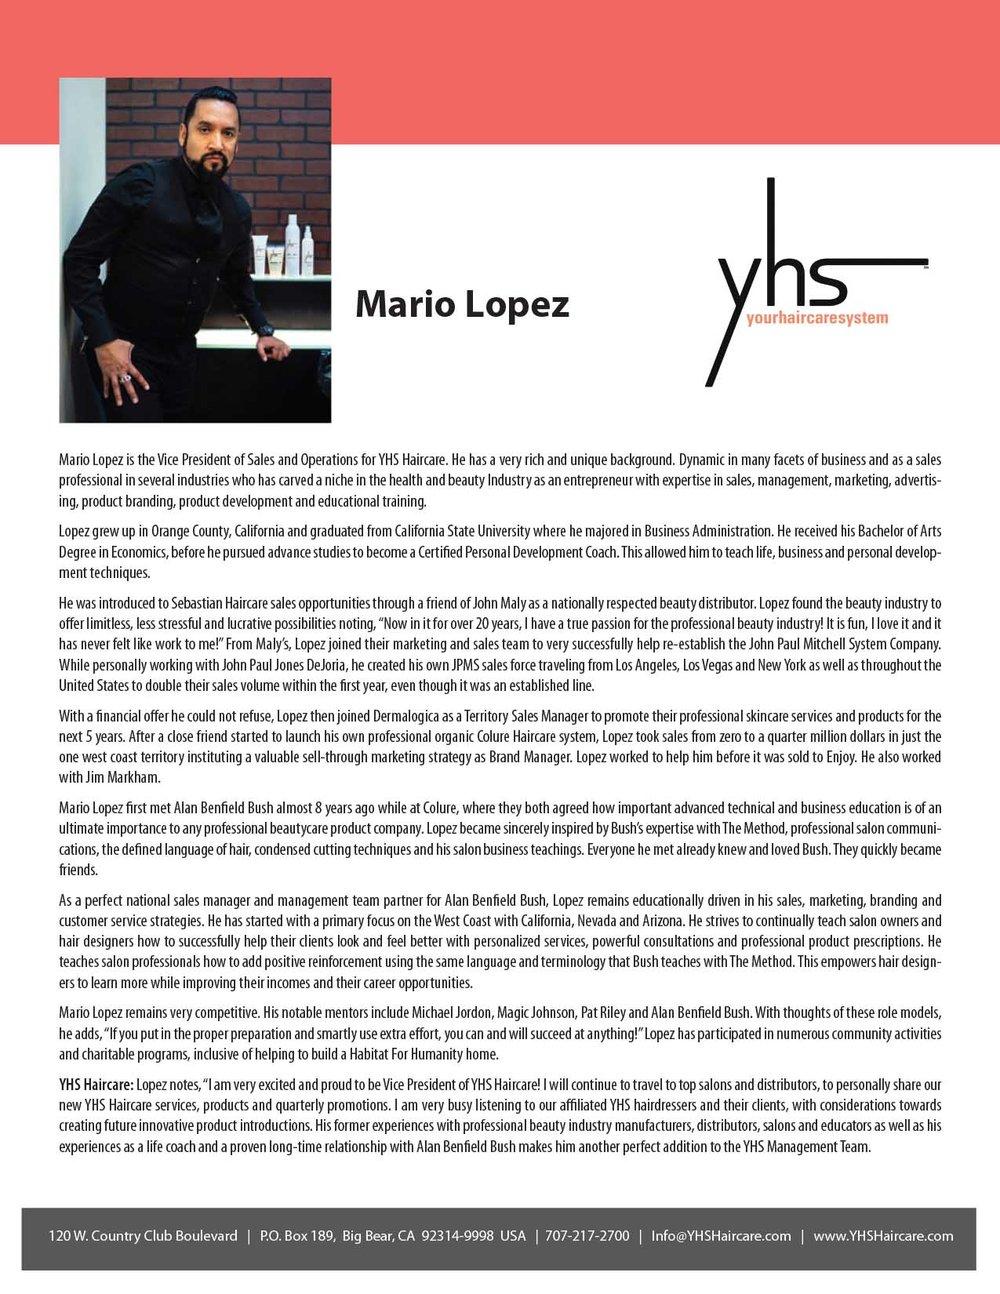 Mario Lopez Bio – YHS Haircare